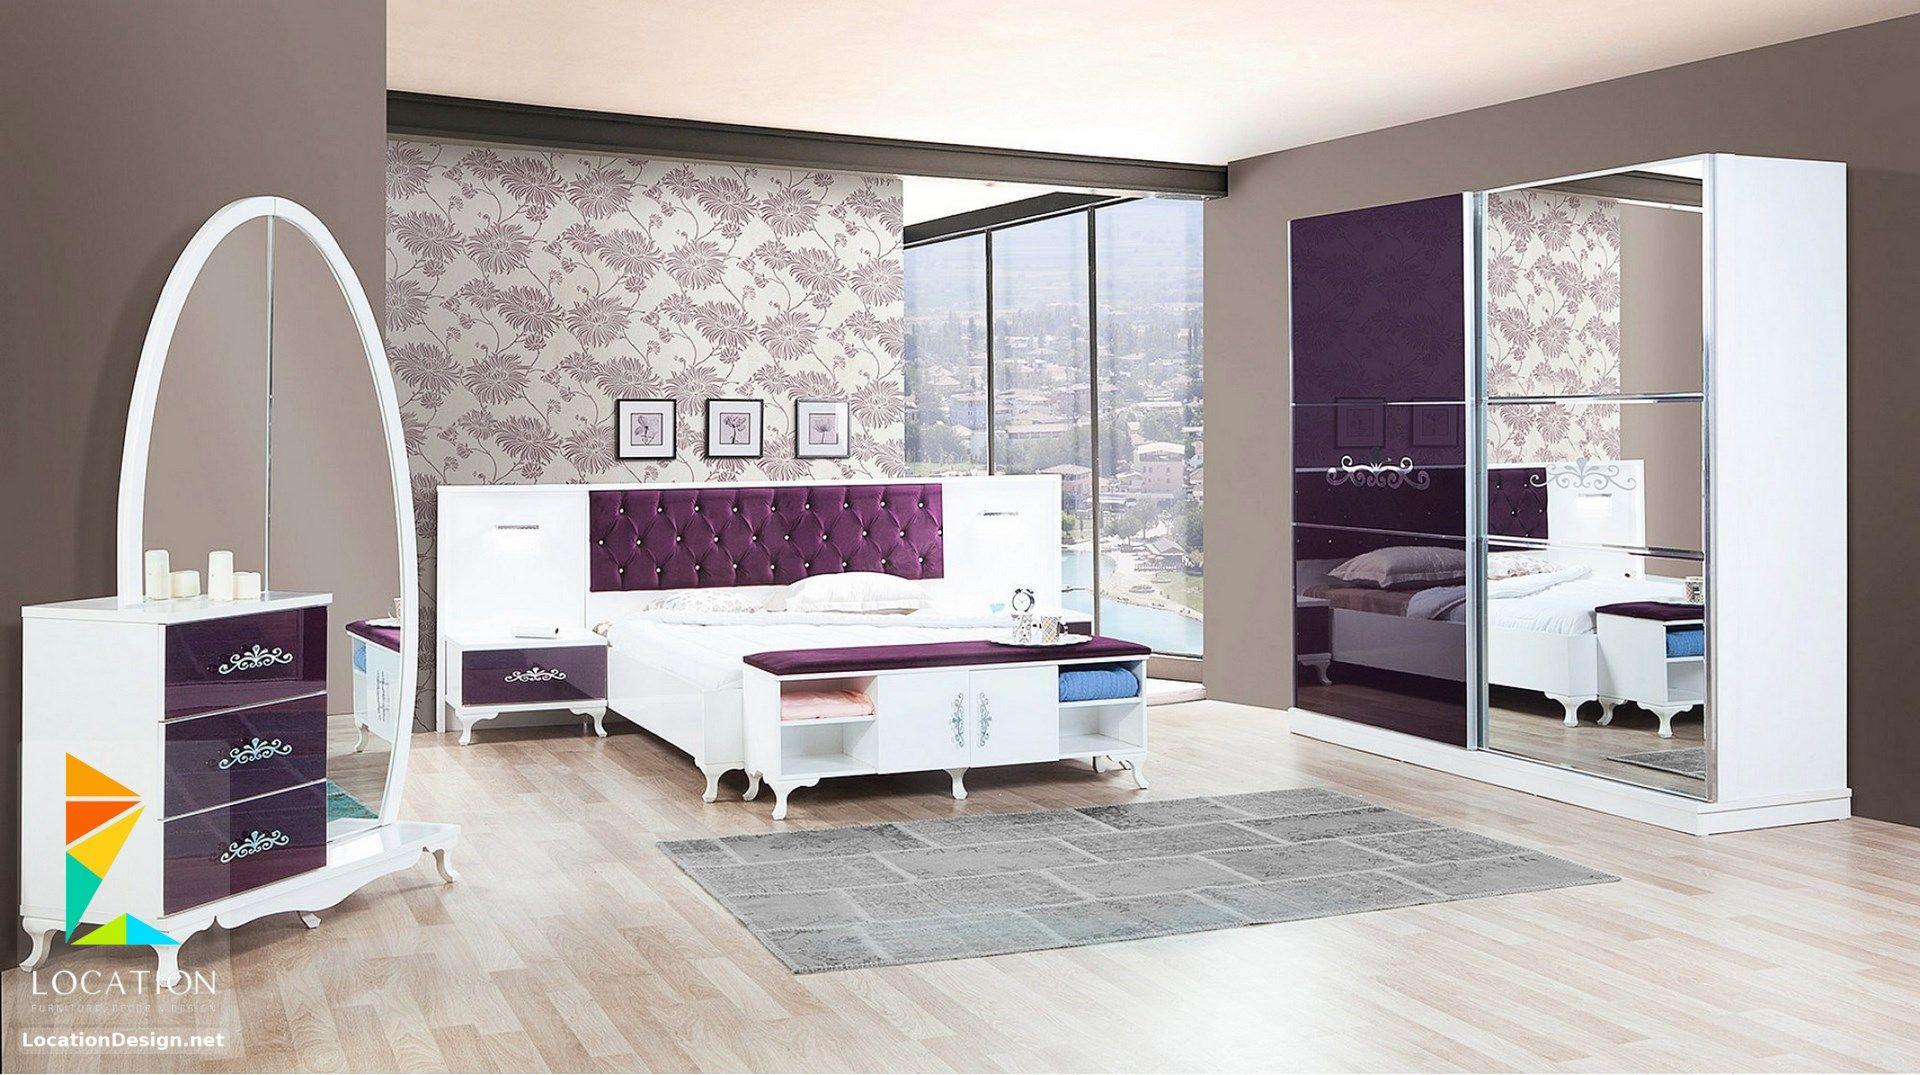 غرف نوم كامله من اجمل موديلات غرف نوم عرايس مودرن 2019 Bedroom Bed Design Comfy Living Room Design Simple Bedroom Design